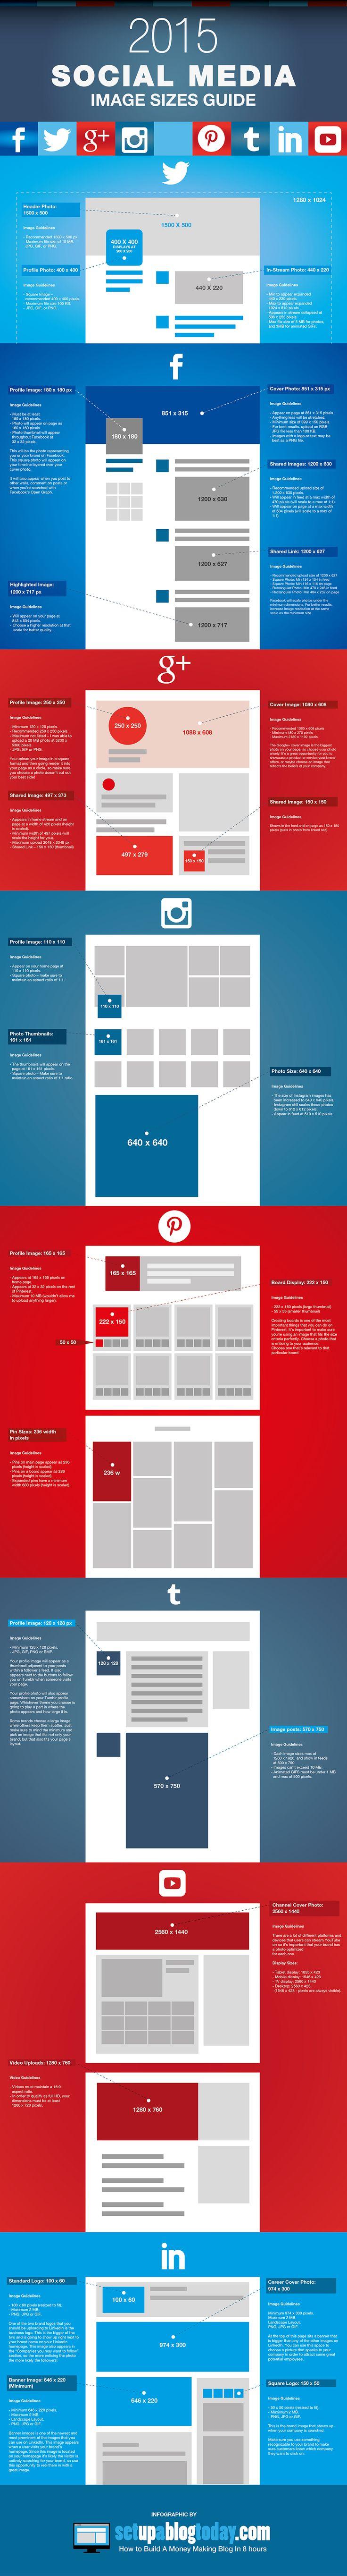 2015-social-media-image-sizes-infographic1.jpg (1000×7414)